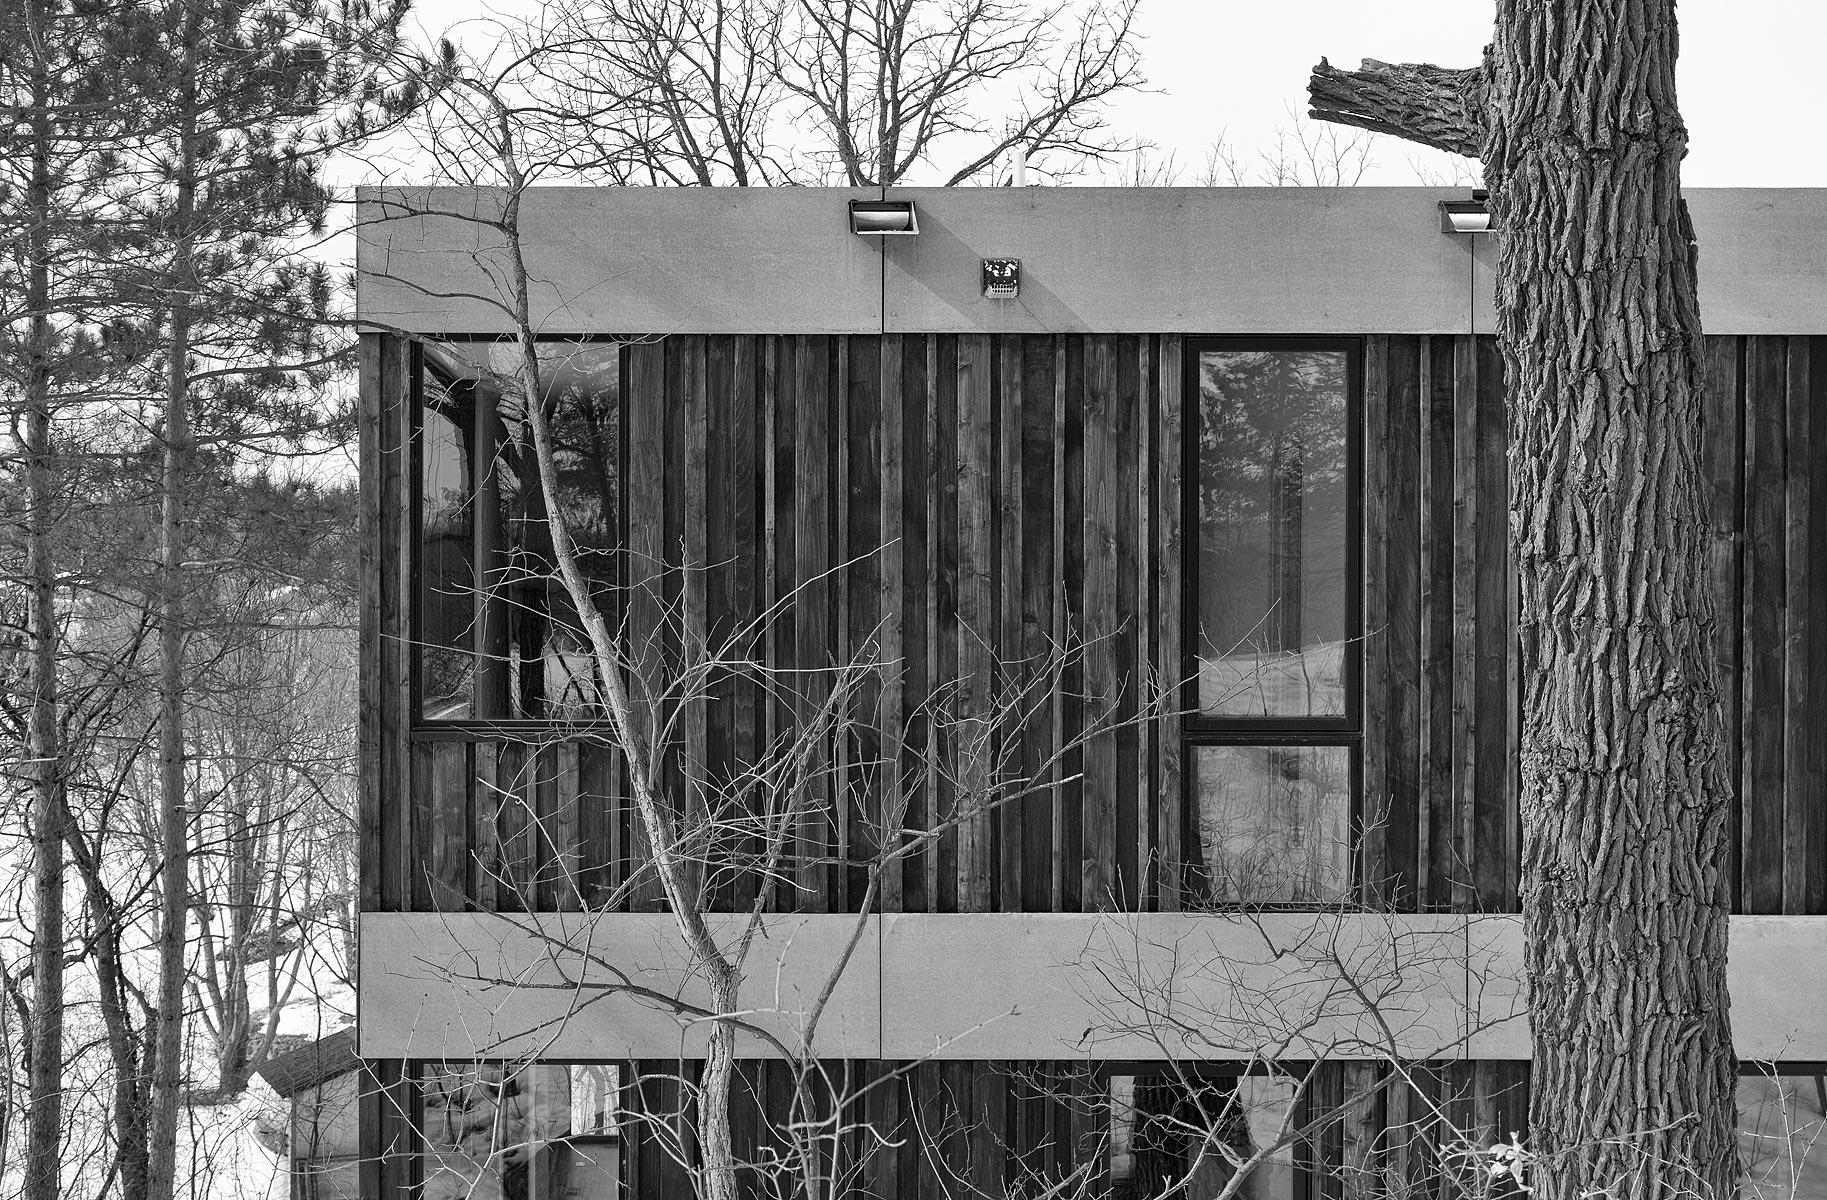 ALTUS-hanrehan-lake-house-5271-bw.jpg